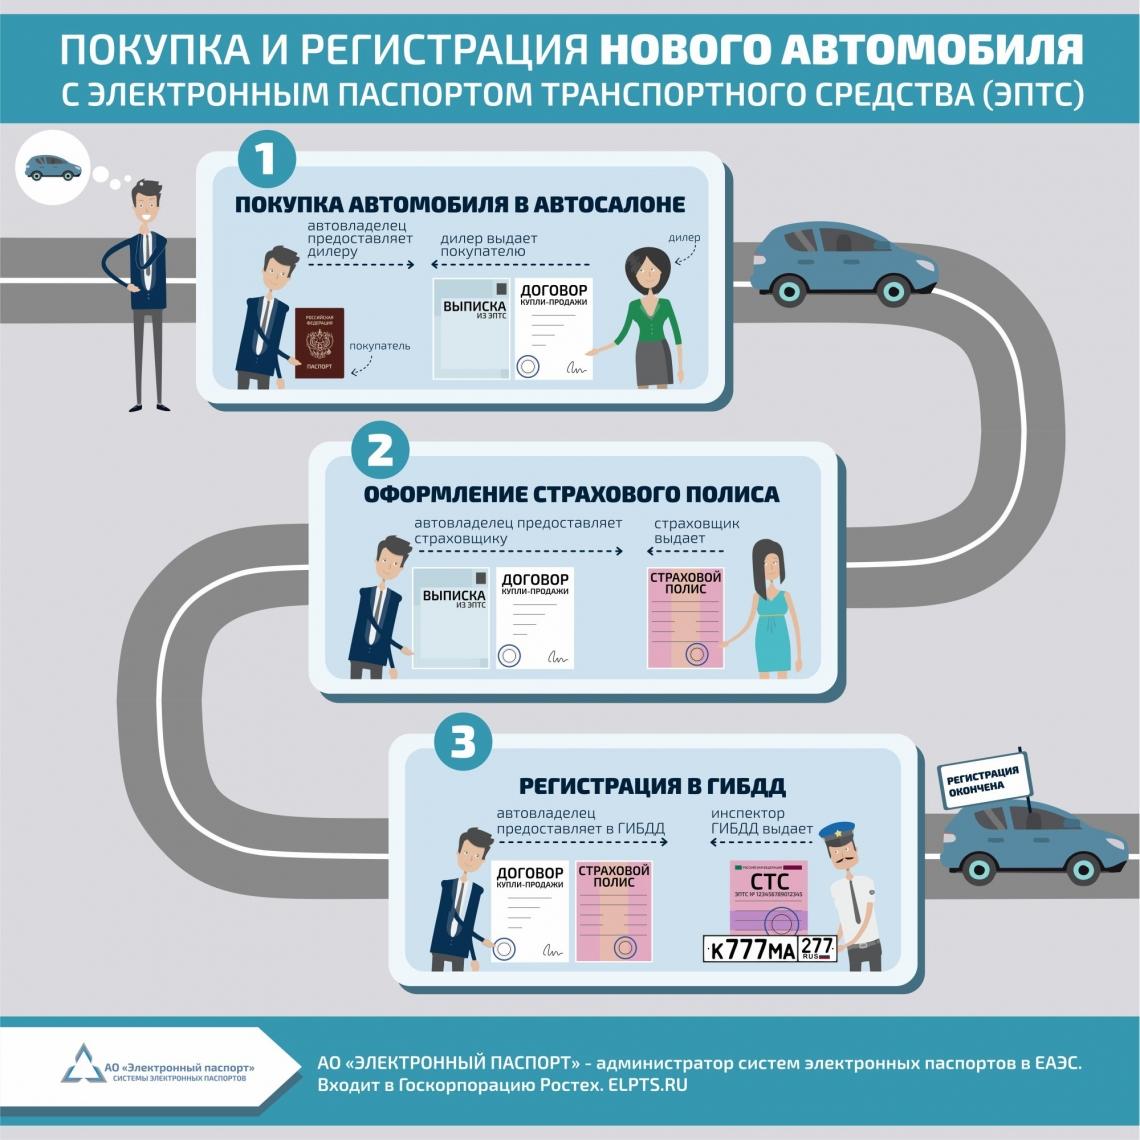 Россия перейдет на электронные ПТС досрочно?